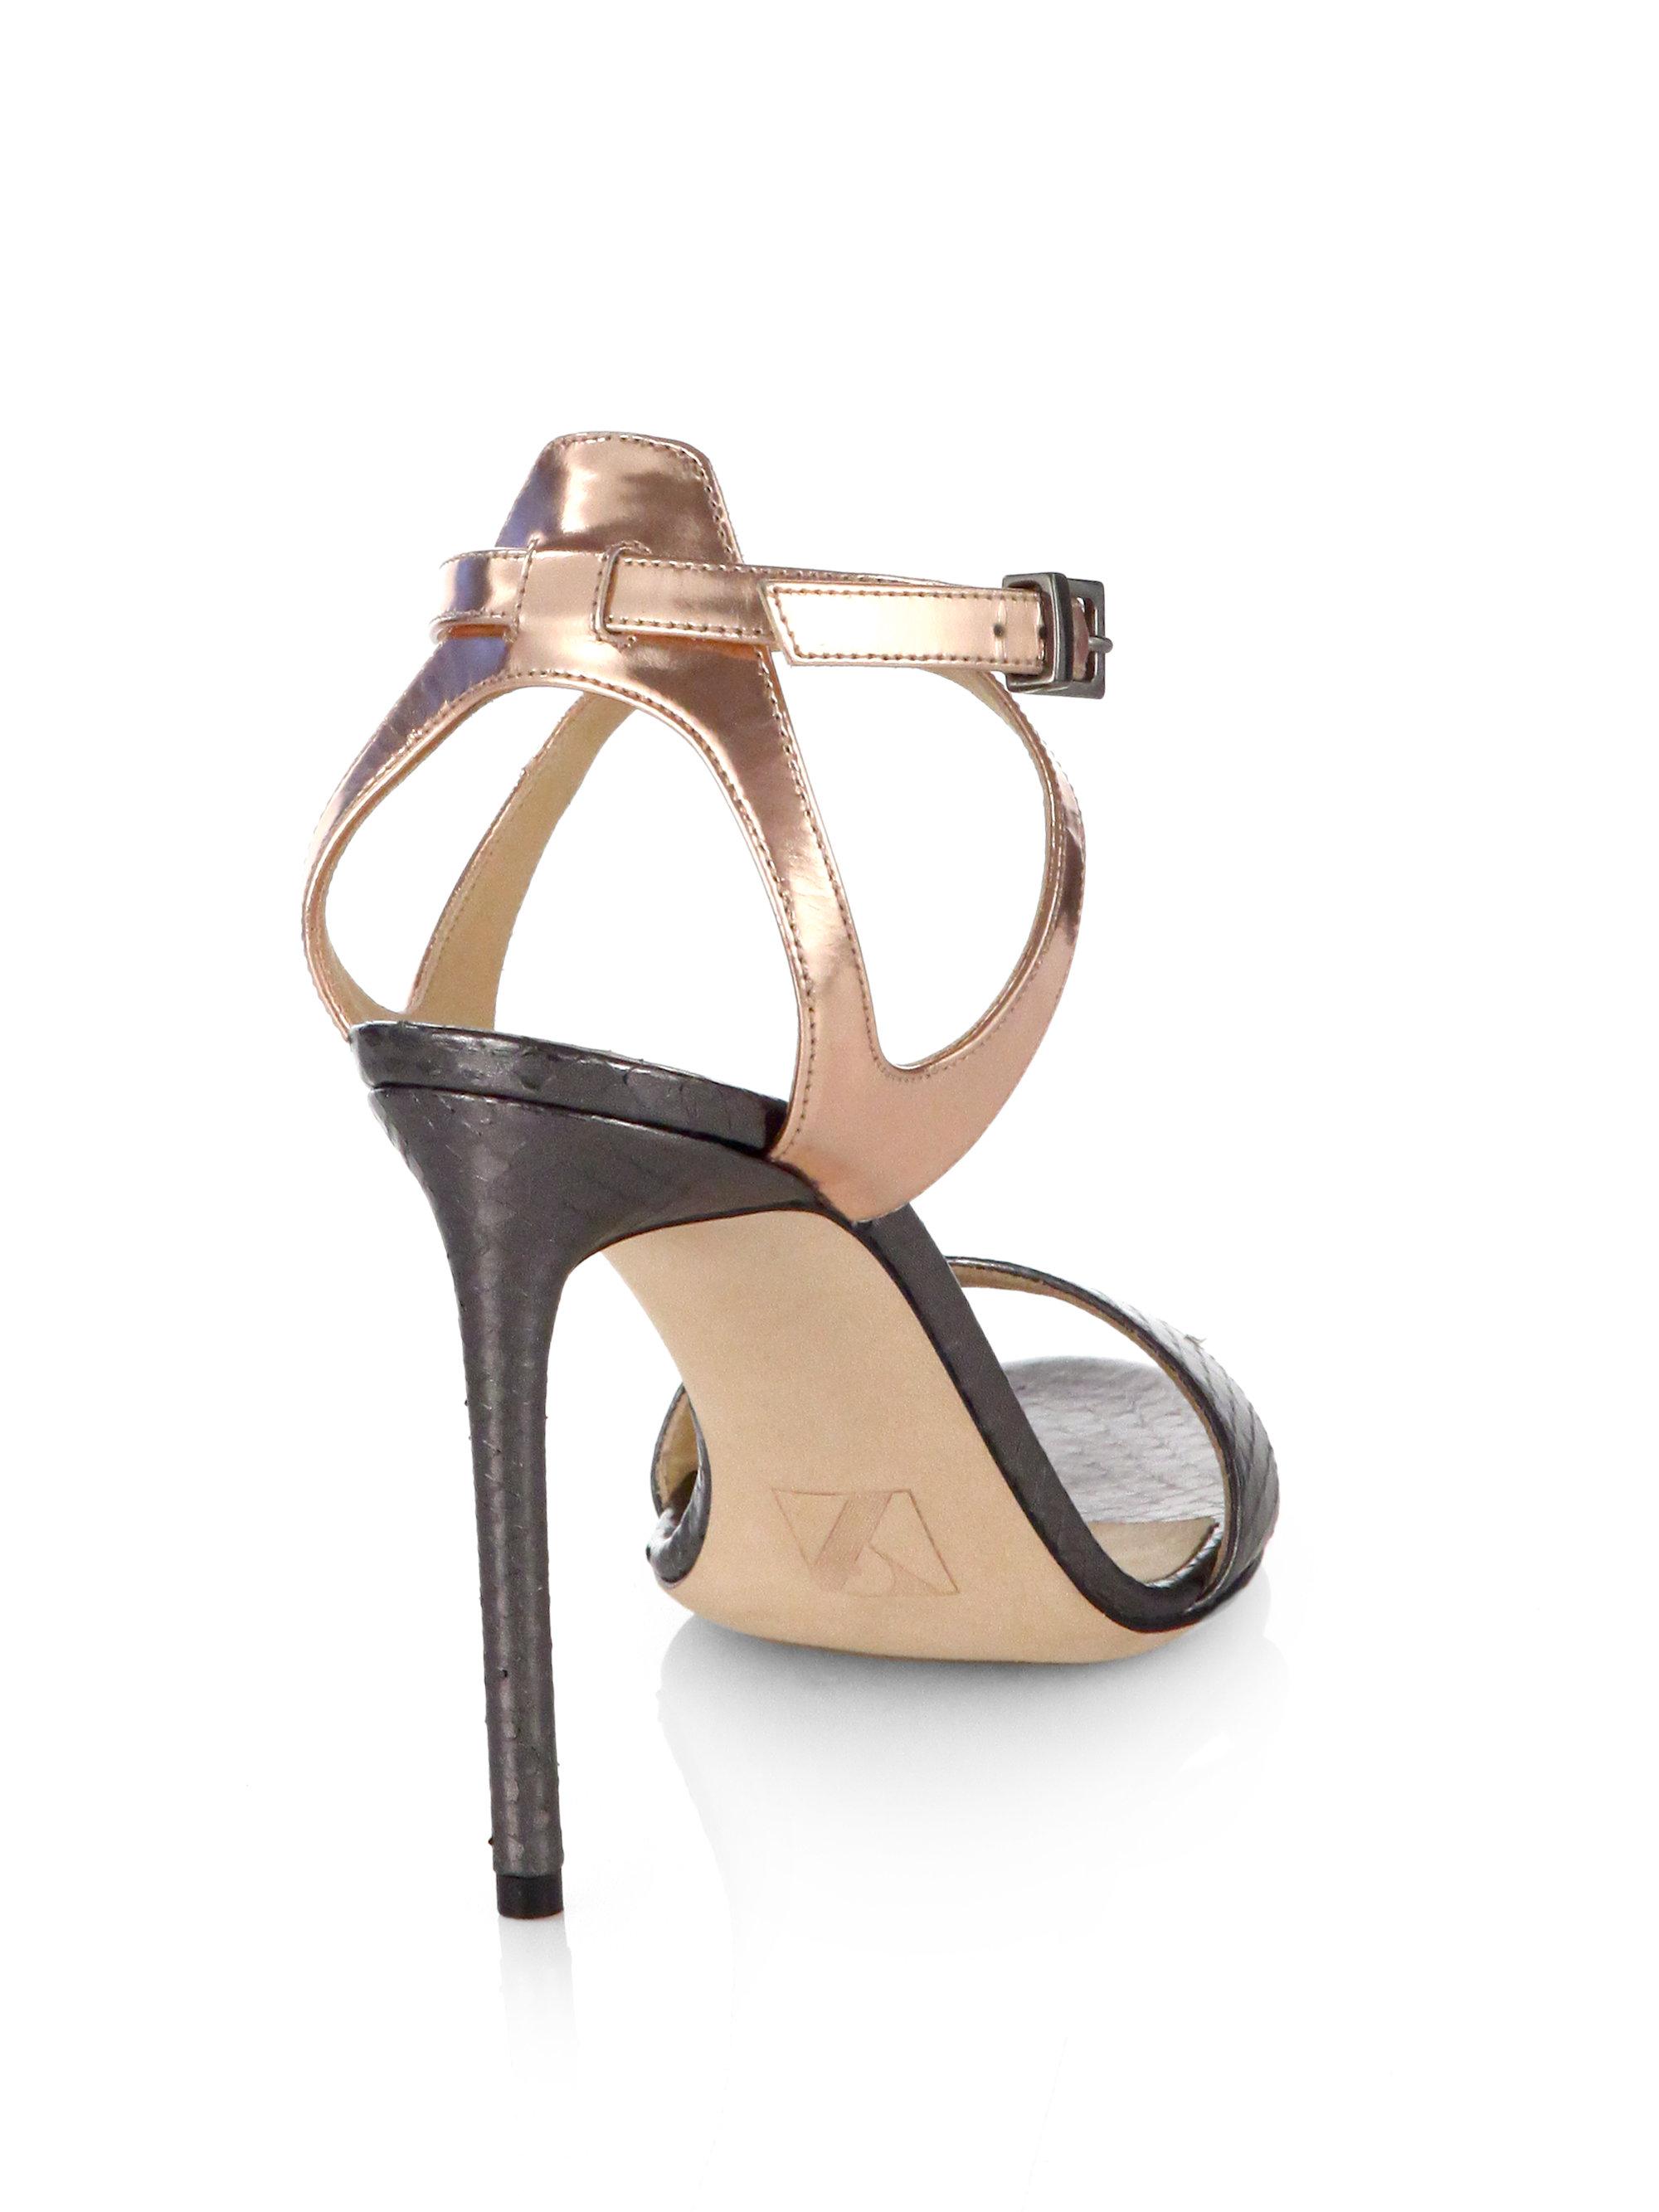 Reed Krakoff Snakeskin Crossover Sandals outlet best prices FDlCIWpG8o